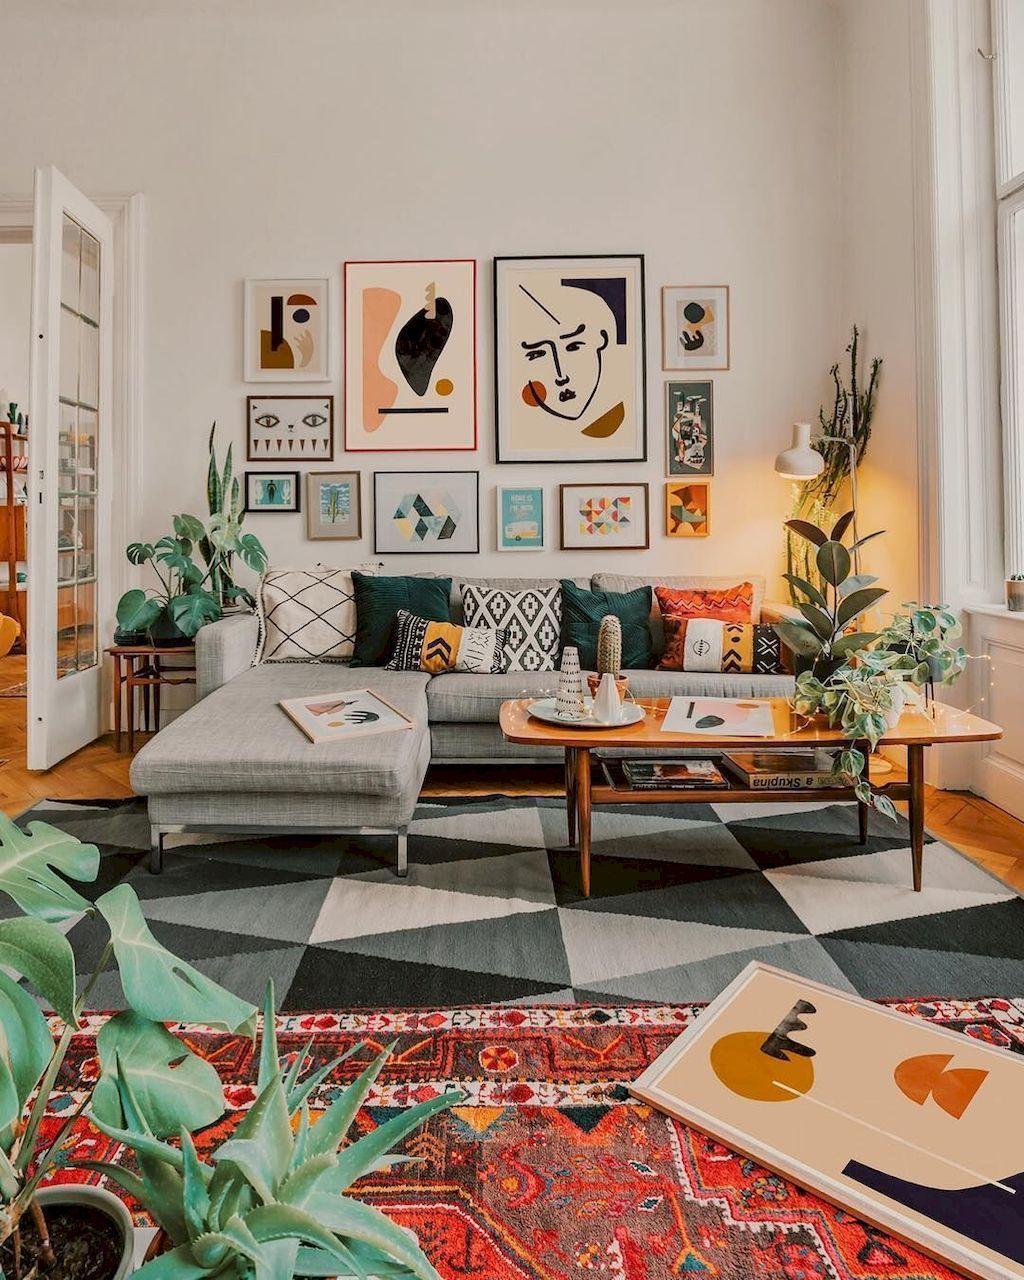 29+ Inspirierende moderne Wohnzimmer-Ideen, die immer stilvoll sein werden #roomideas Gemütliches minimalistisches modernes Wohnzimmer #brightlivingroom #livingroomdecor ...   - living #decoratingsmalllivingroom